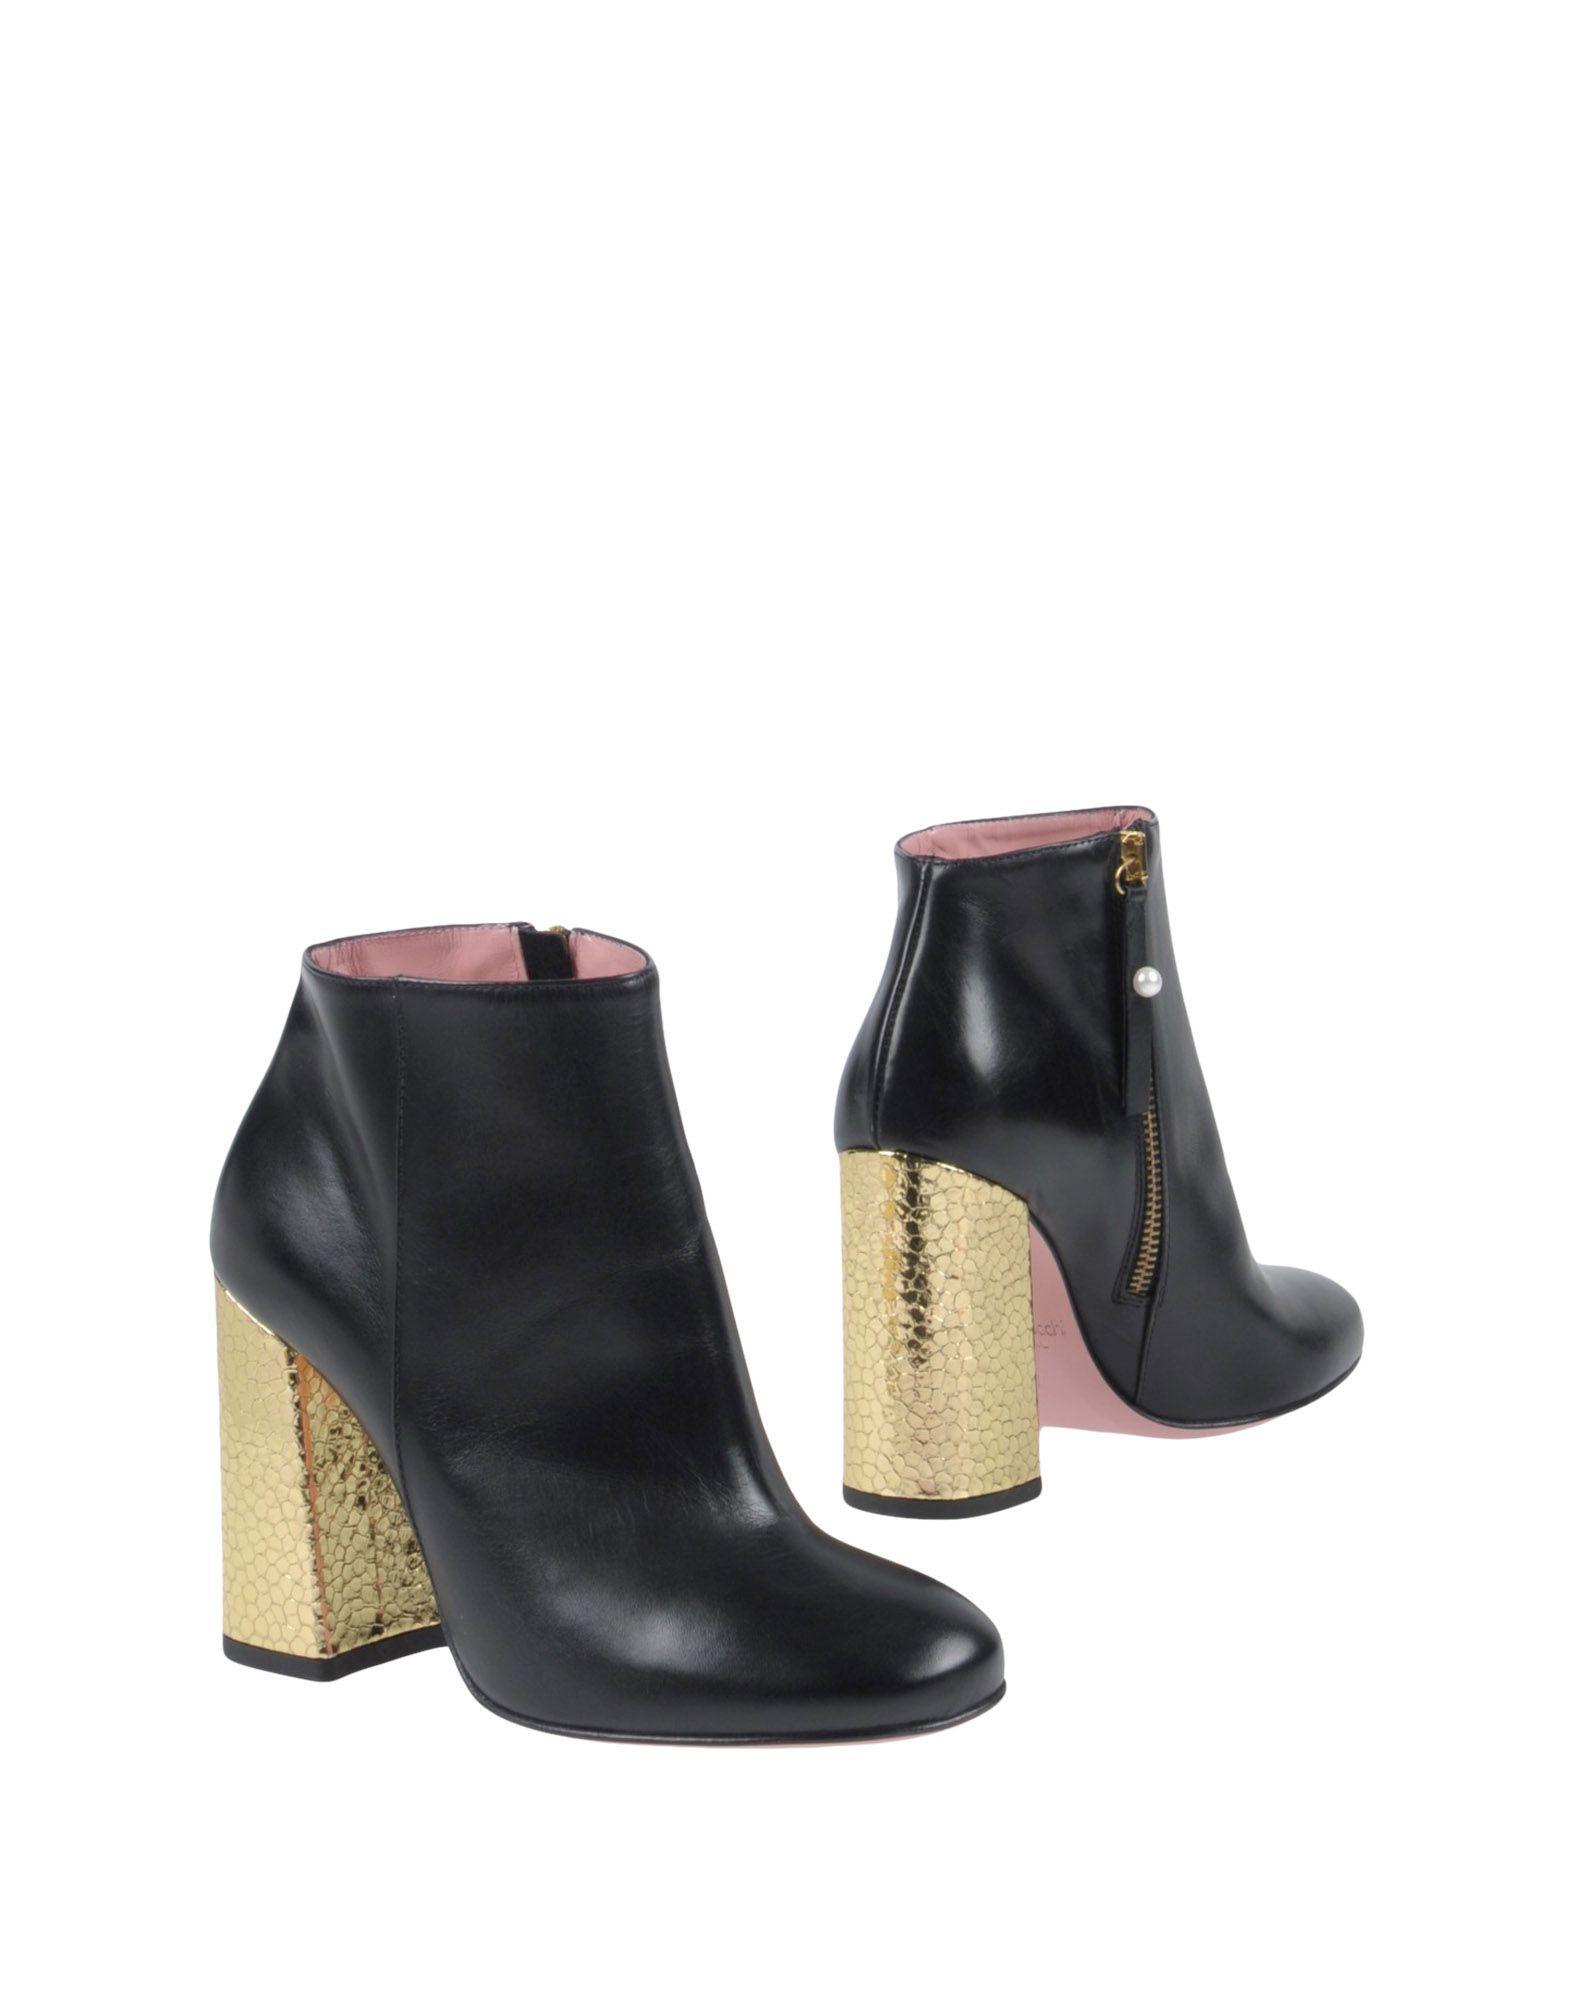 Tipe E Tacchi Stiefelette Schuhe Damen 11448402UMGut aussehende strapazierfähige Schuhe Stiefelette e2d1dc